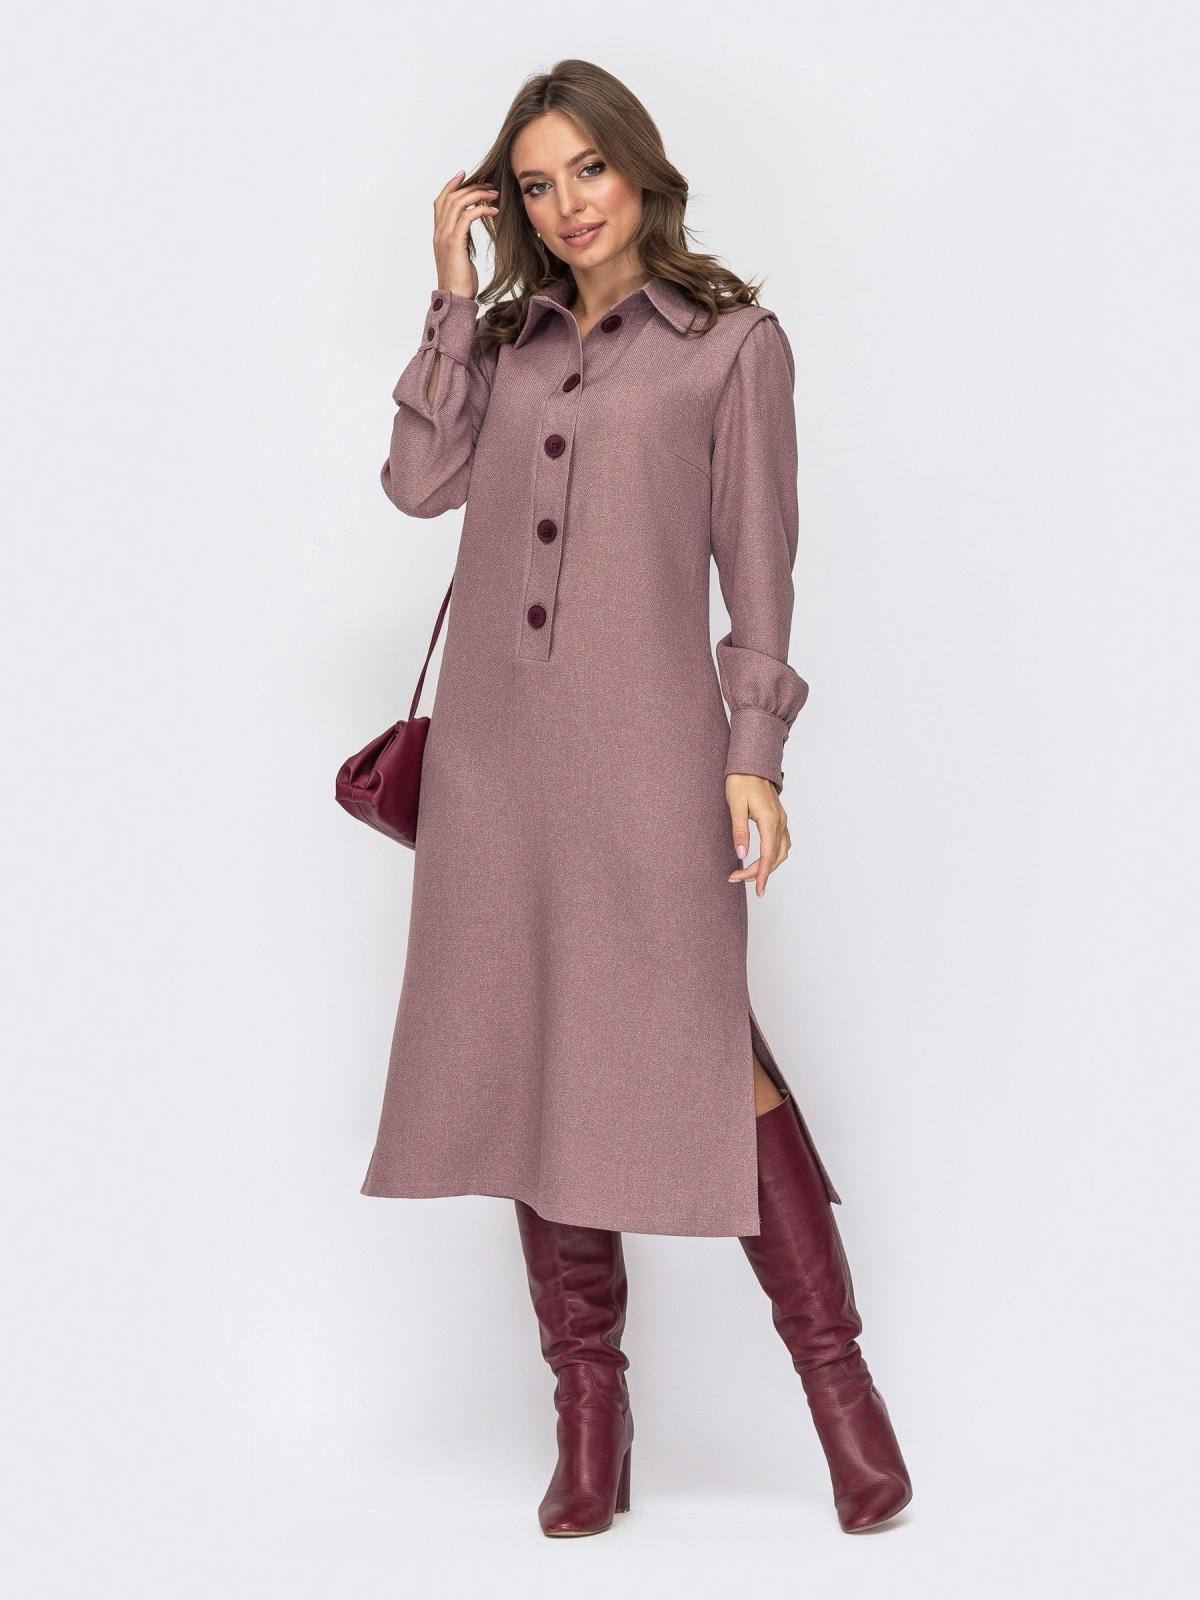 Пудровое платье-рубашка с разрезами по бокам 51795, фото 1